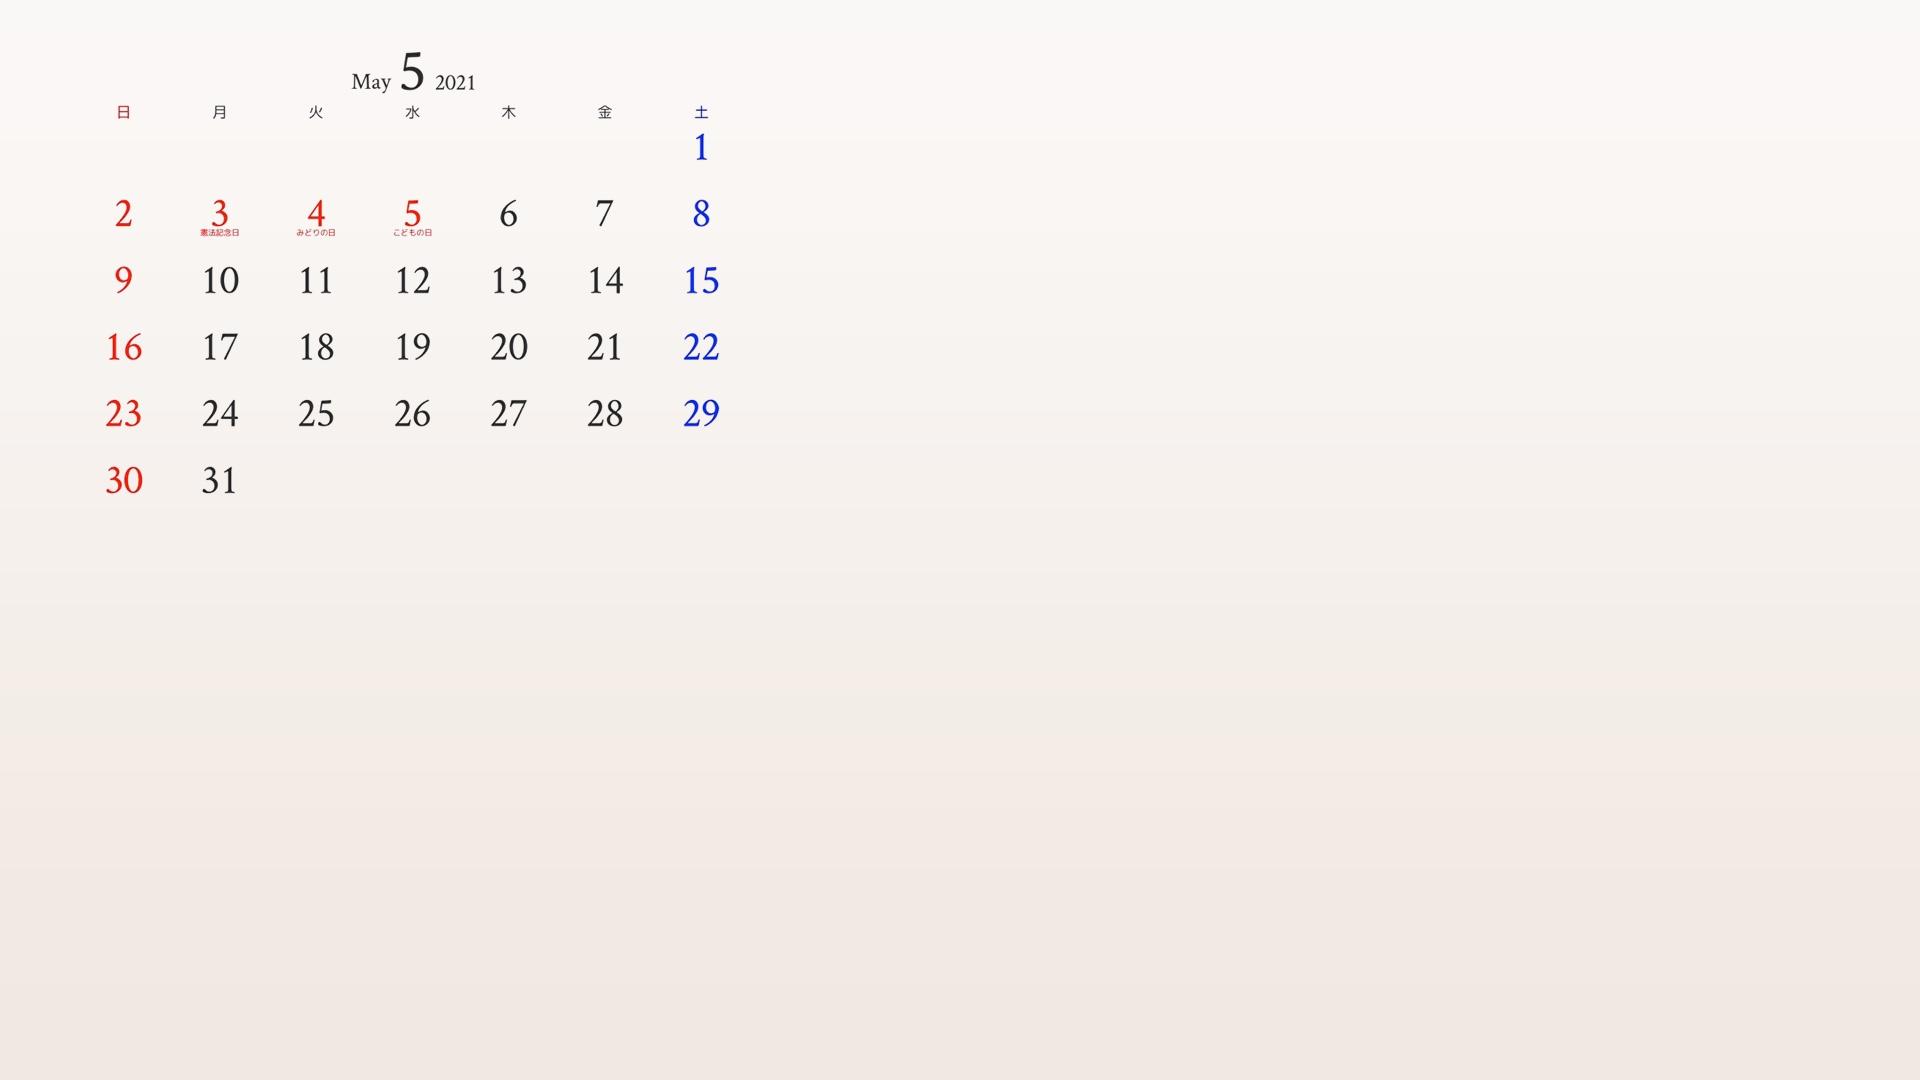 5月のカレンダーがついたアイボリーの背景